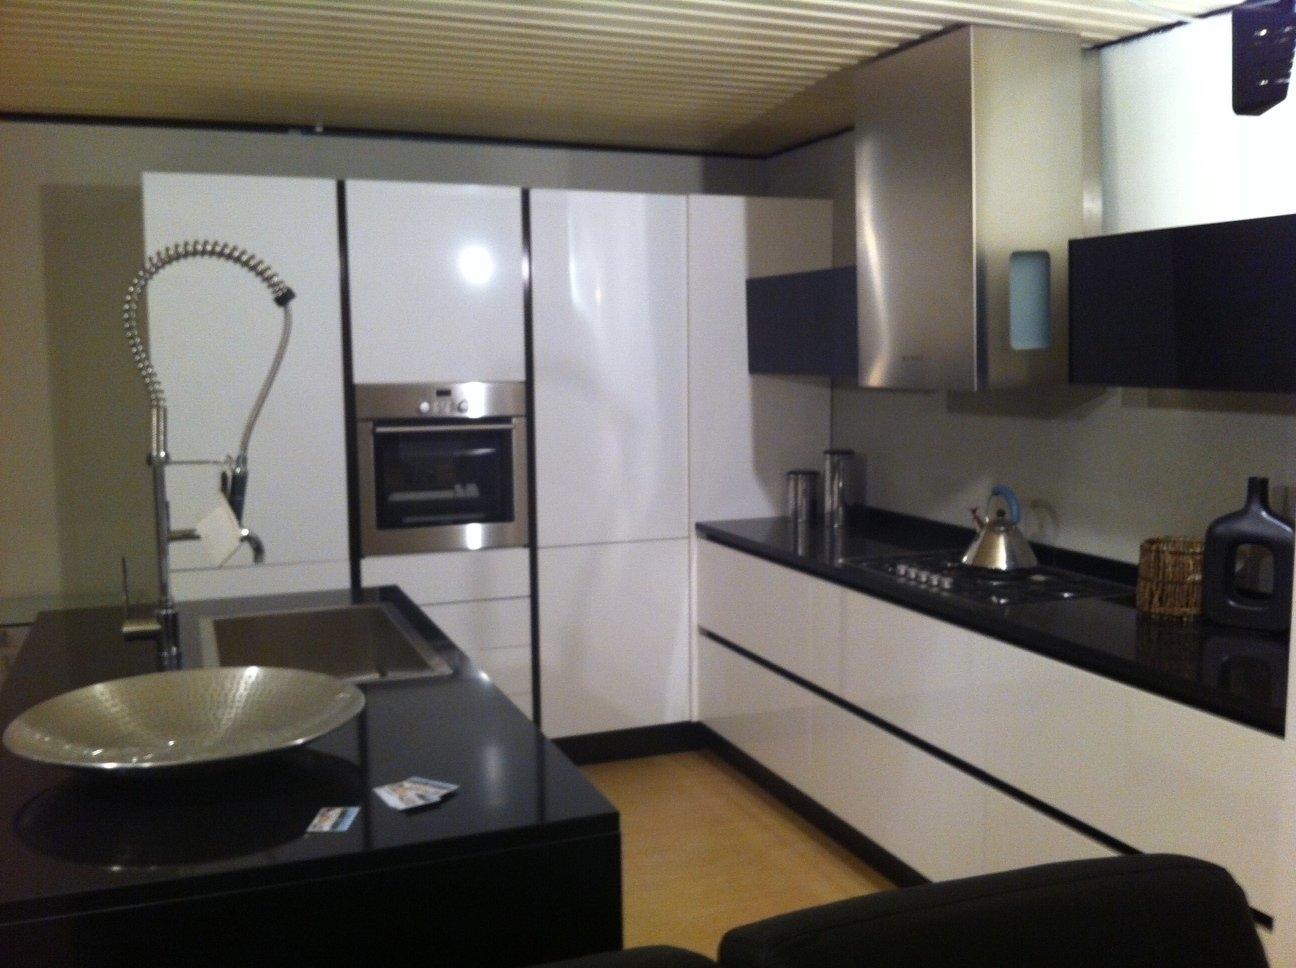 Cucina arrital moderna occasione cucine a prezzi scontati - Cucine arrital prezzi ...